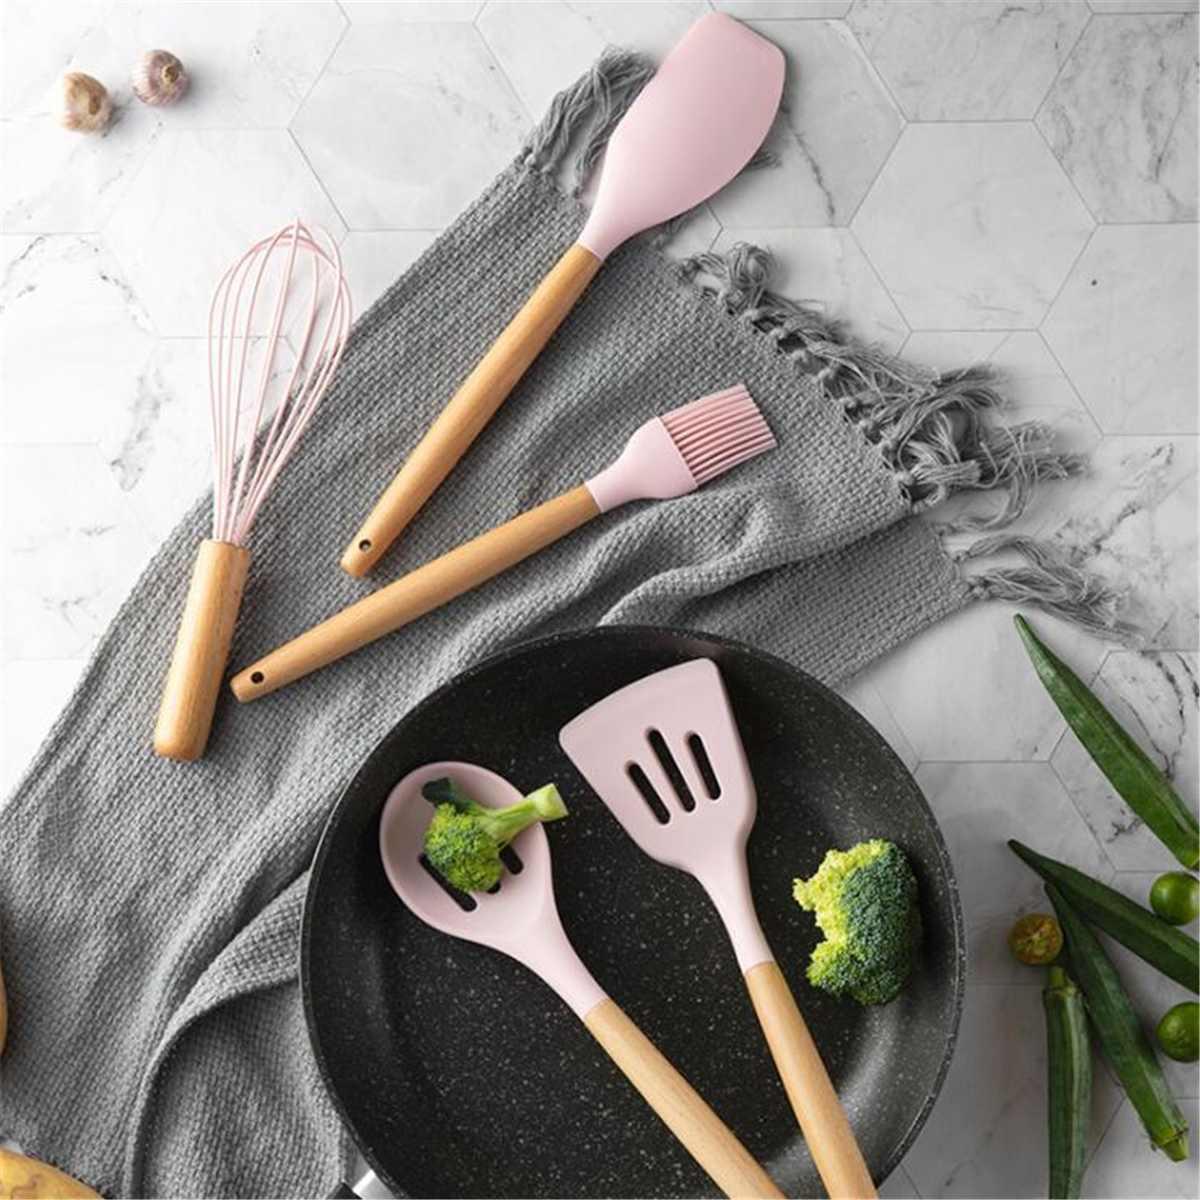 11 pçs conjunto de utensílios de cozinha de silicone antiaderente pá de espátula de madeira lidar com ferramentas de cozinha conjunto com caixa de armazenamento ferramentas de cozinha novo - 2